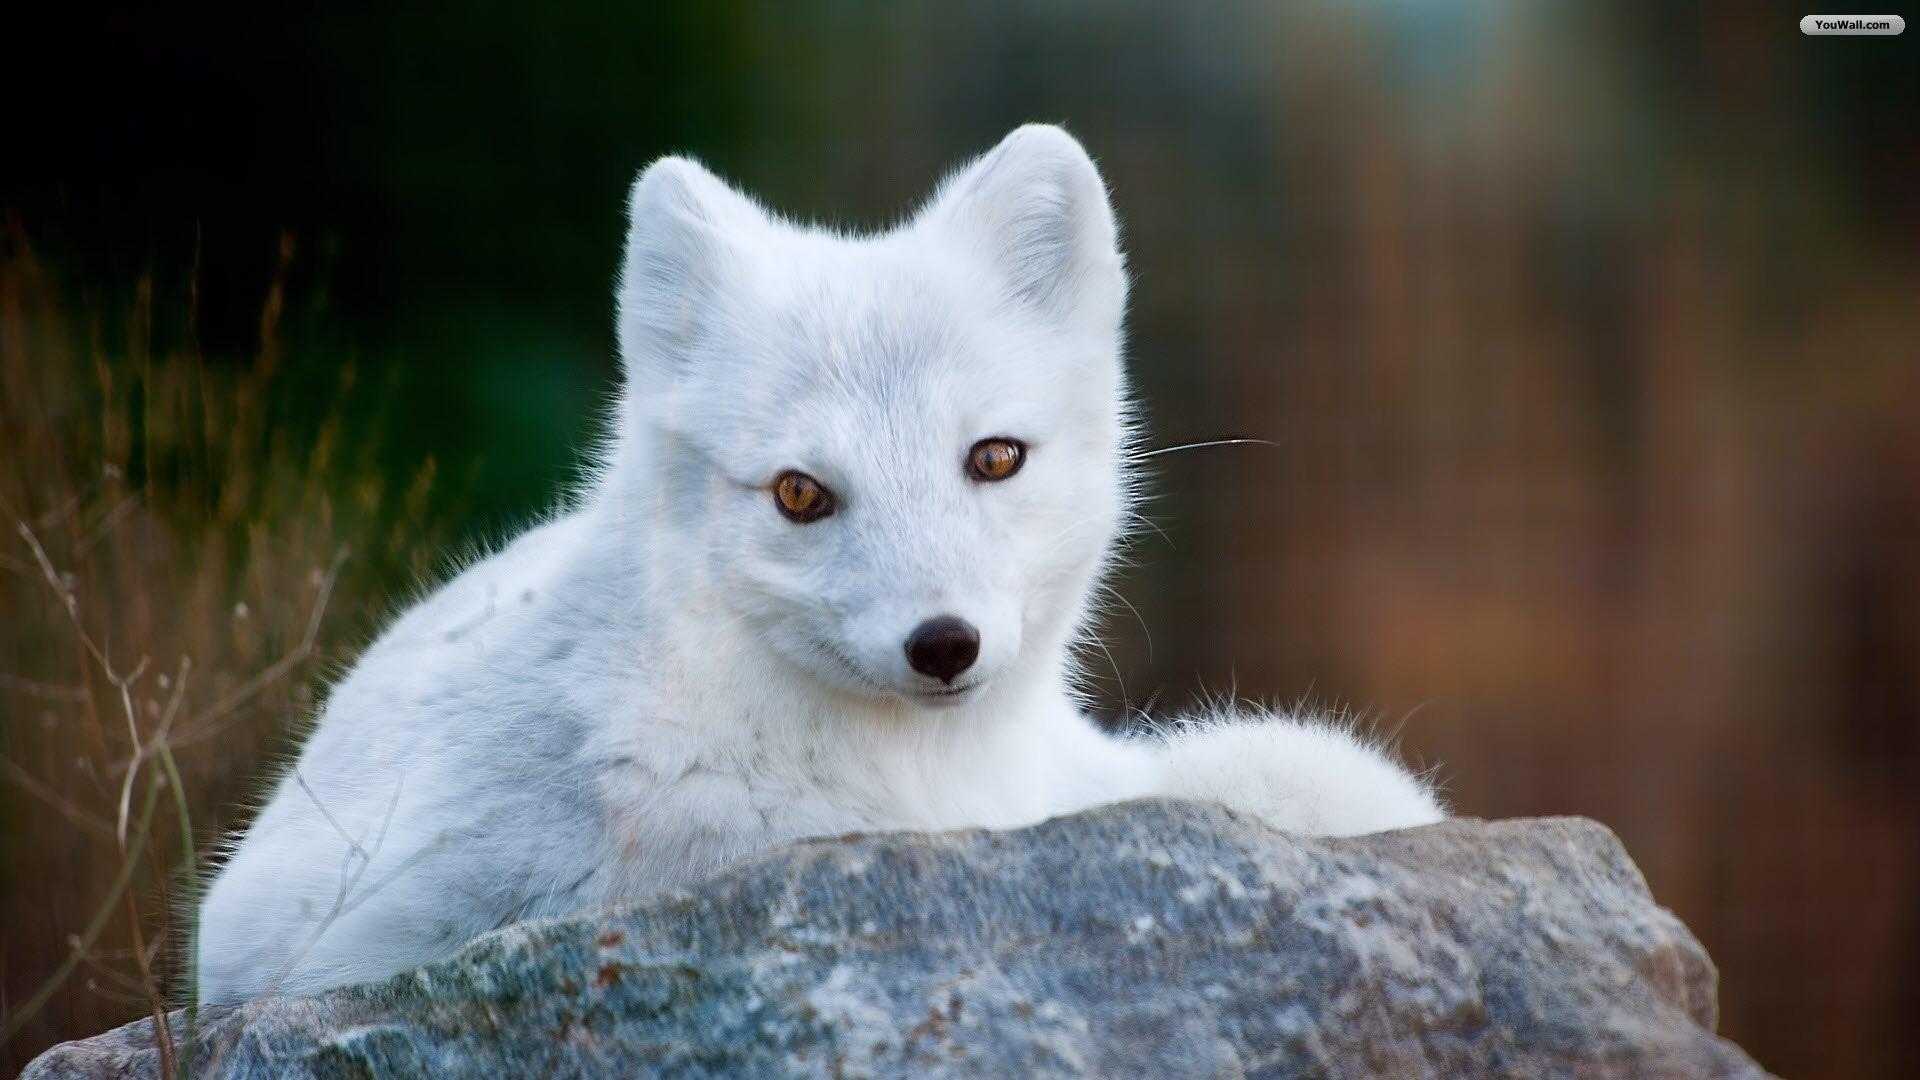 Cute White Fox Wallpaper